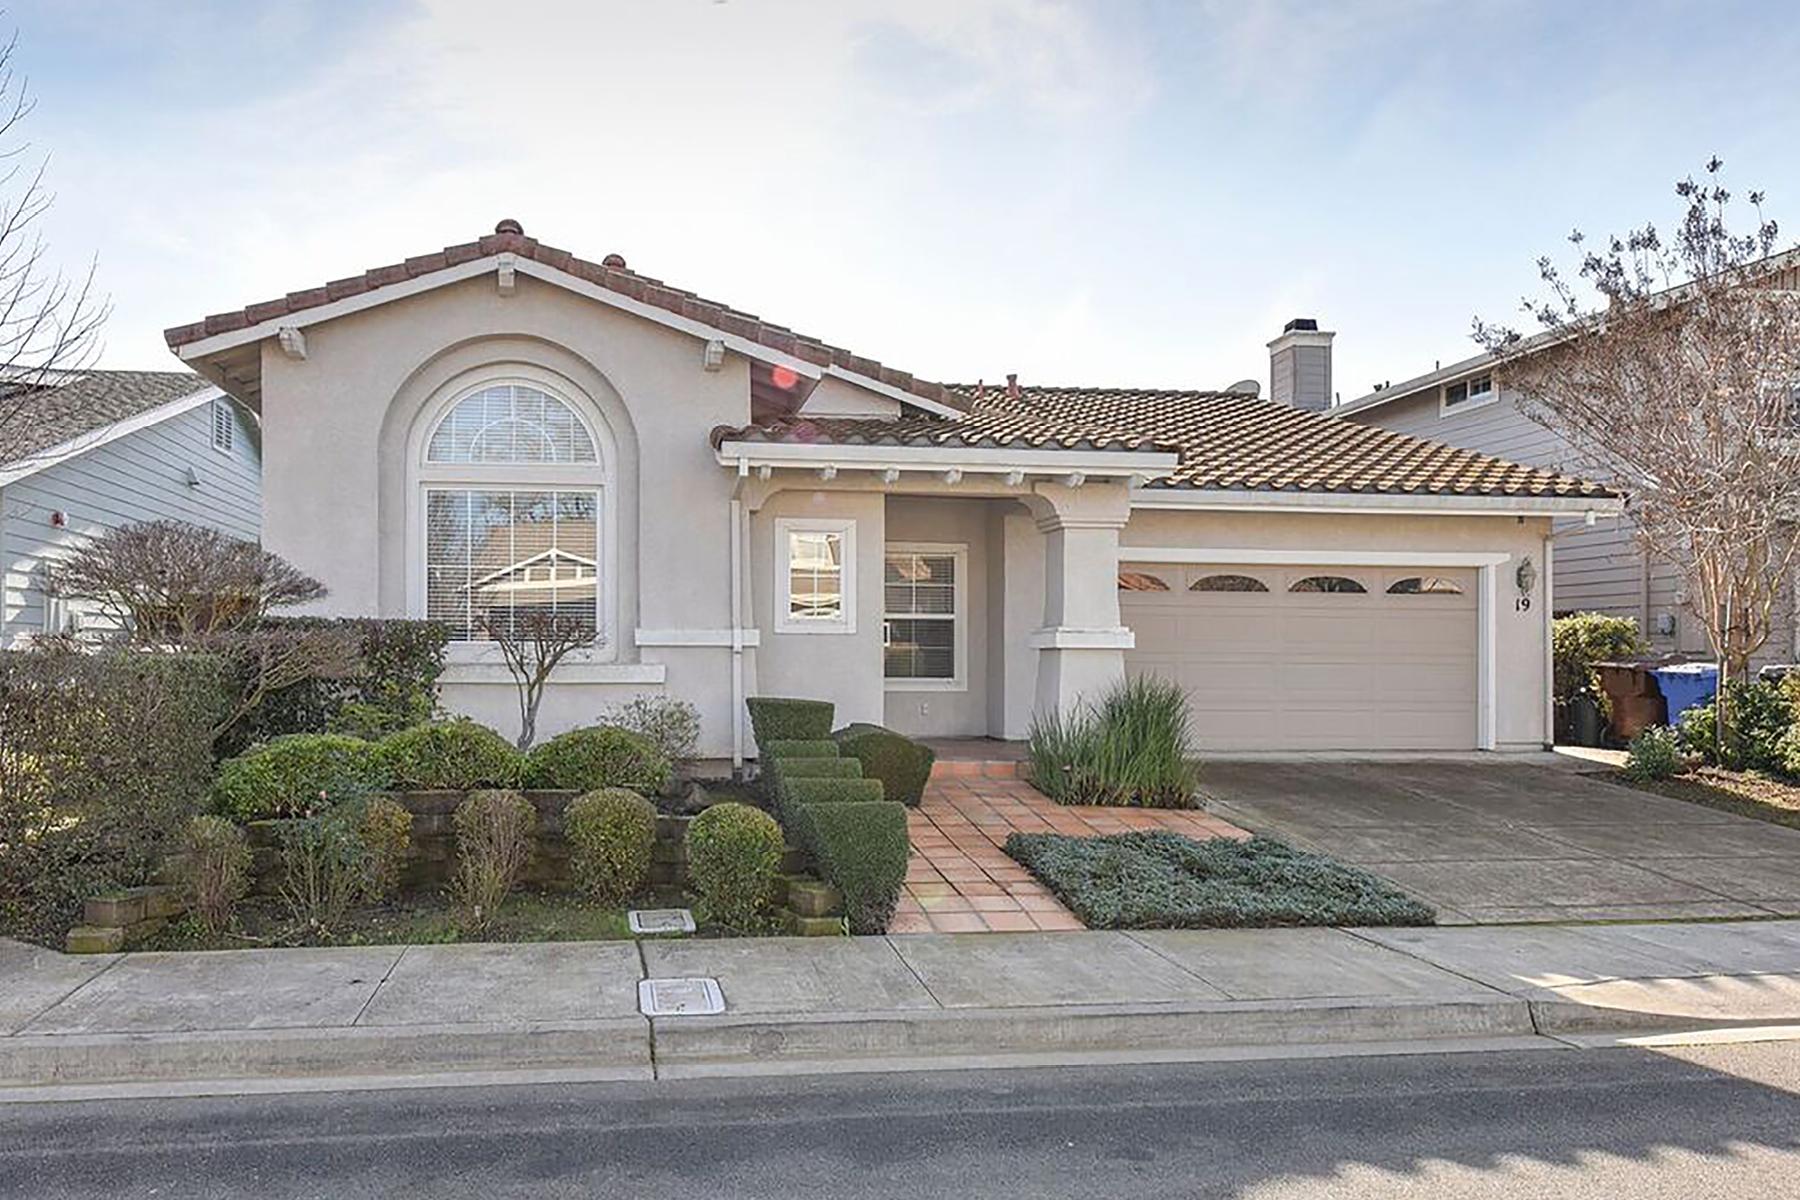 Tek Ailelik Ev için Satış at 19 Walkabout Ln, Napa, CA 94558 19 Walkabout Ln Napa, Kaliforniya 94558 Amerika Birleşik Devletleri